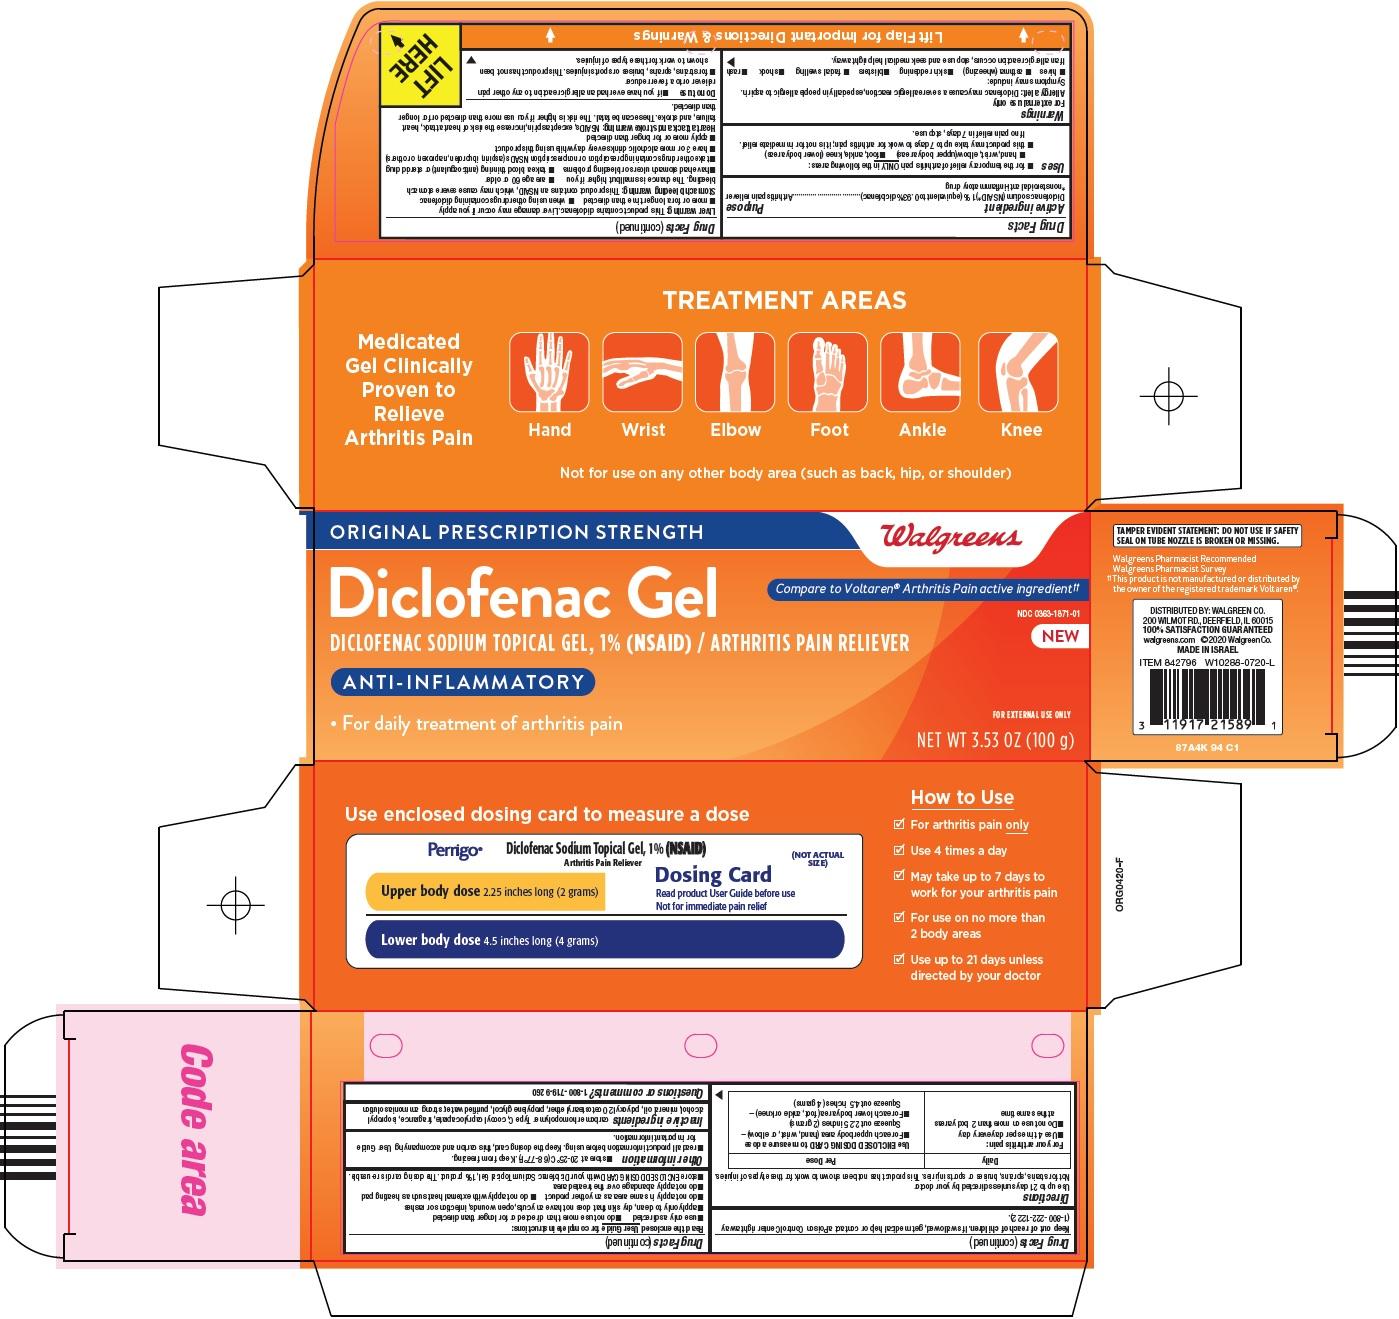 diclofenac gel image 1